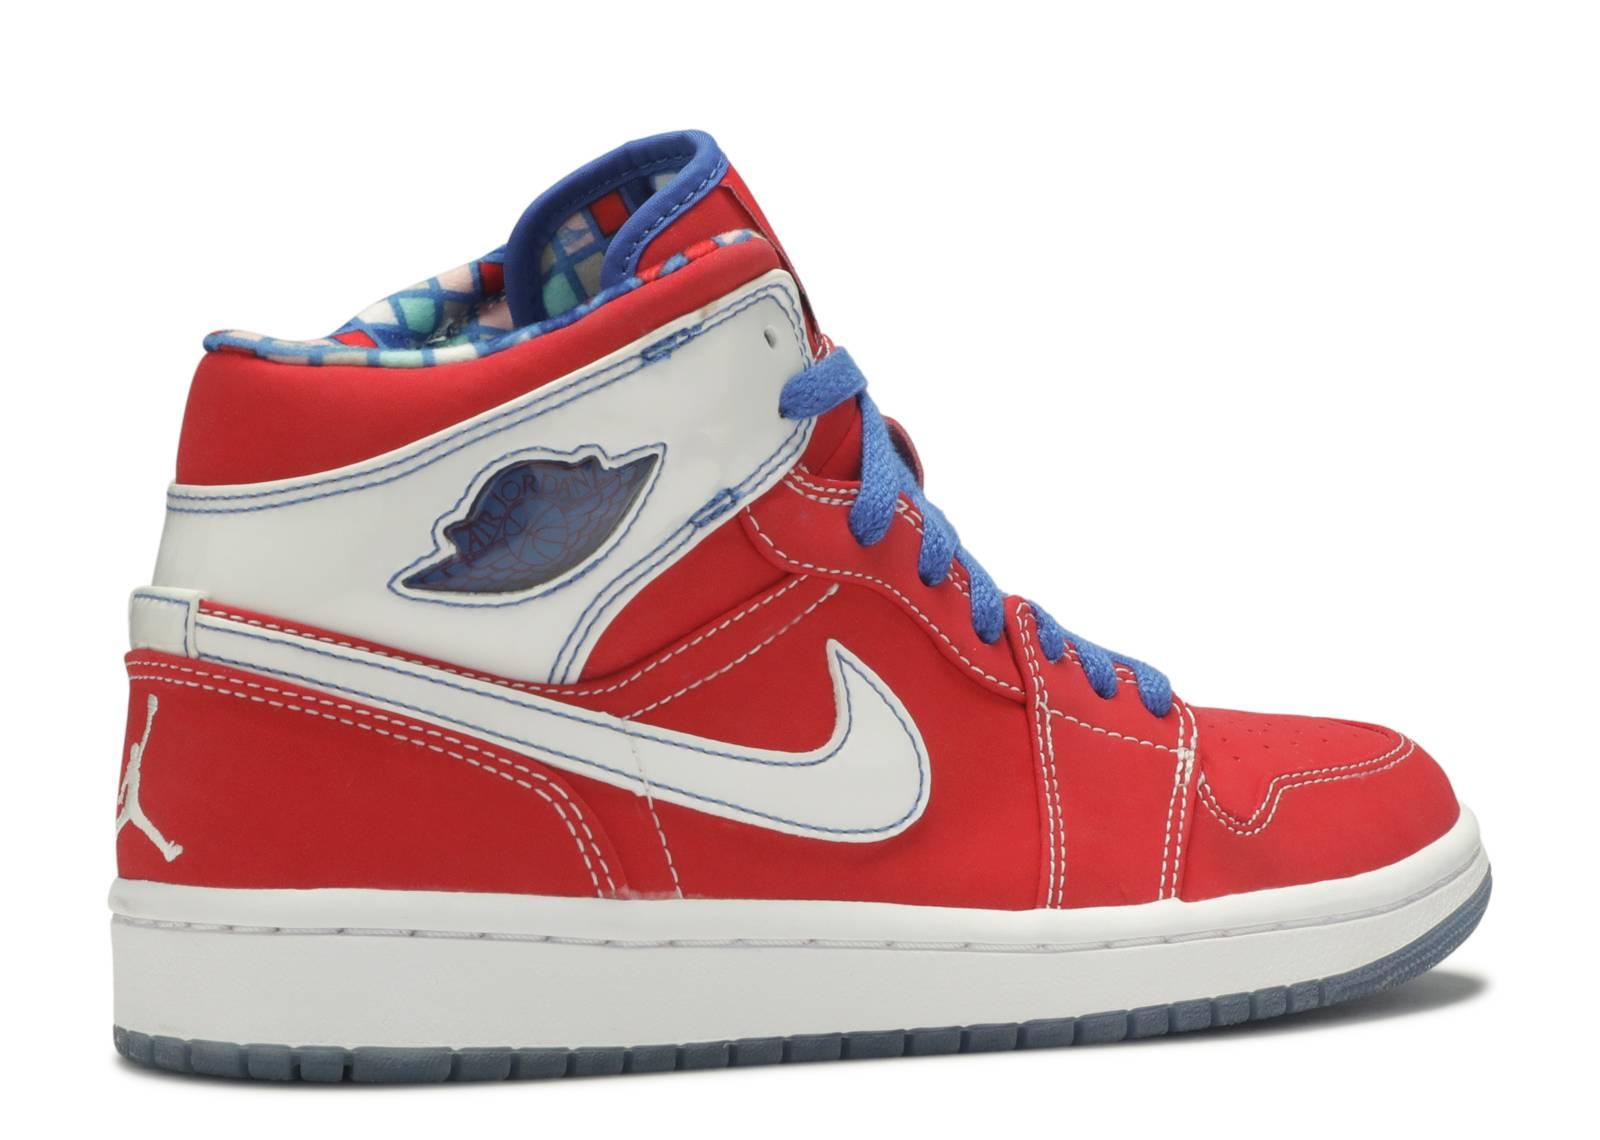 air jordan 1 red and blue